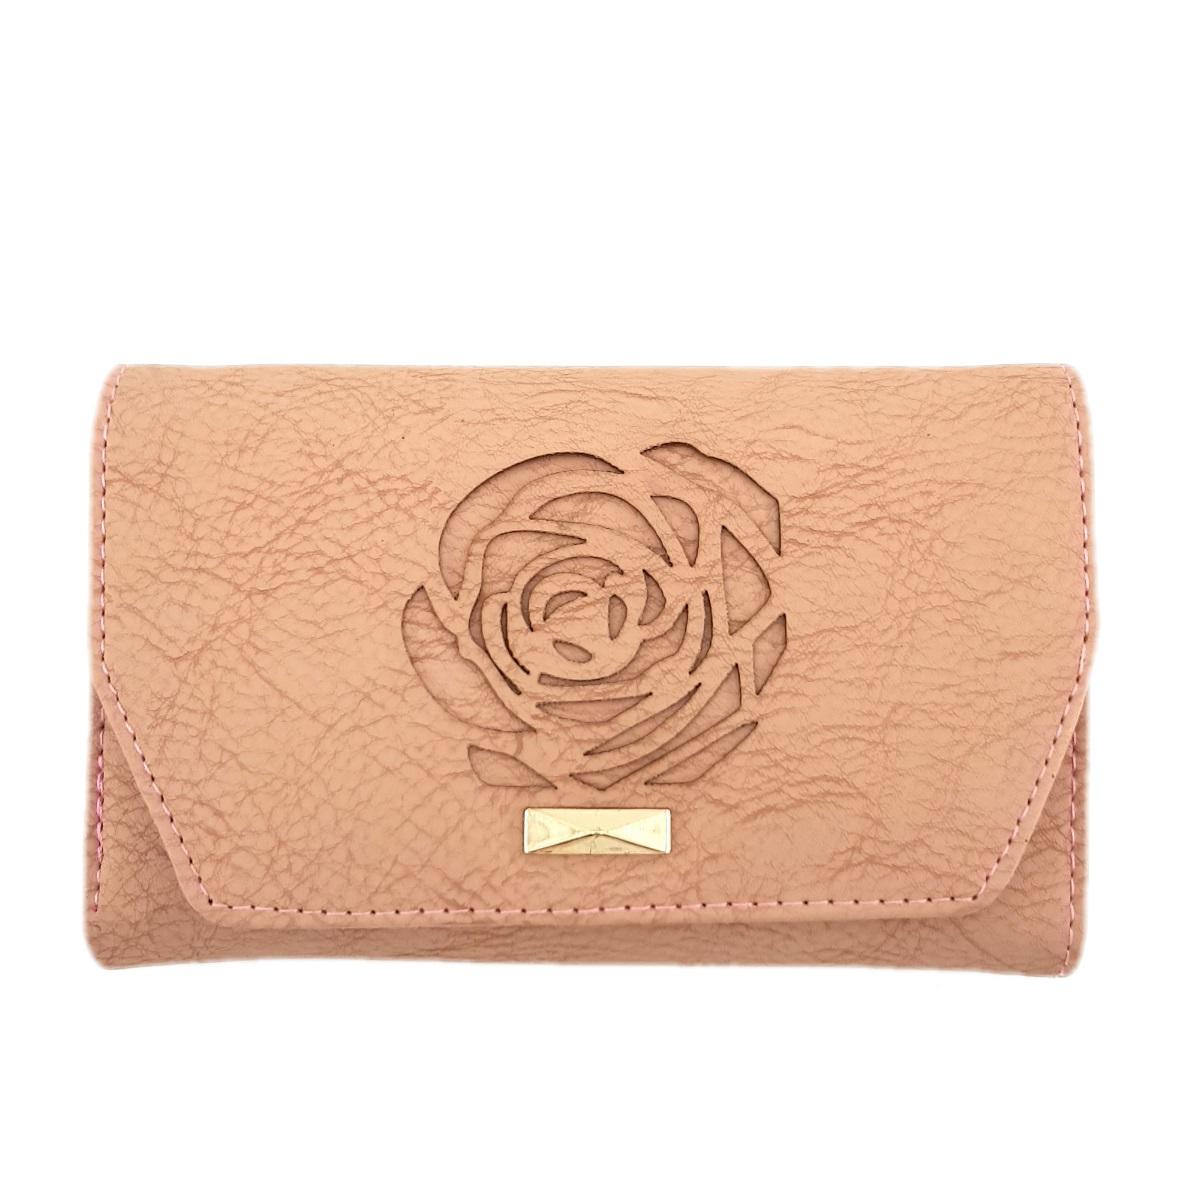 کیف پول زنانه طرح گل رز -  - 2